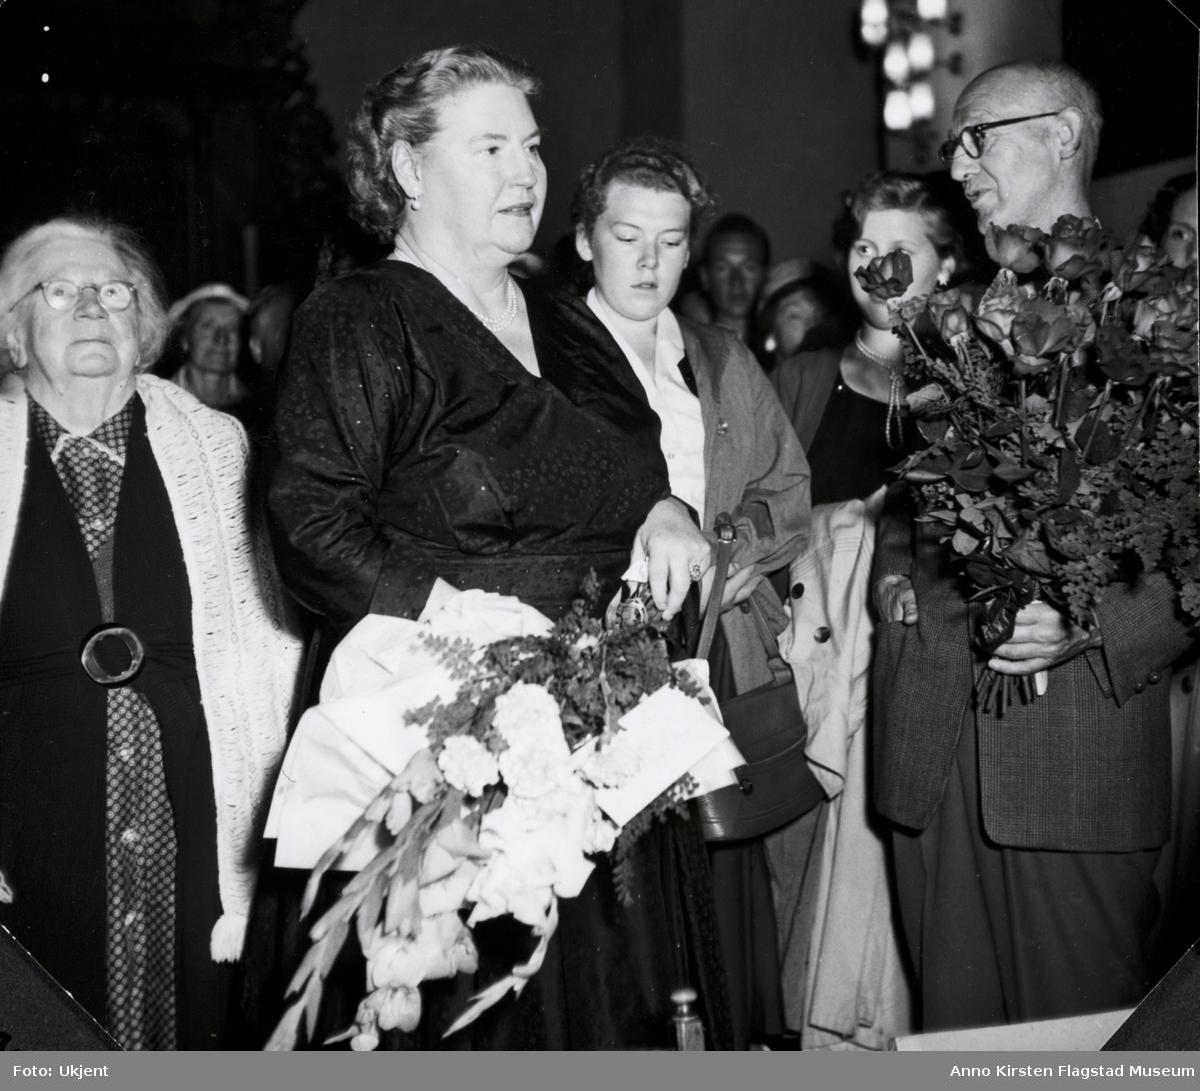 Kirsten Flagstad etter konsert i Eidsvoll kirke 28. august 1957. Til venstre hennes mor Marie Flagstad, til høyre komponisten Sverre Jordan. Kirsten Flagstad after a concert at Eidsvoll churh 28 August 1957. To the left her mother Marie Flagstad, to the right the composer Sverre Jordan.